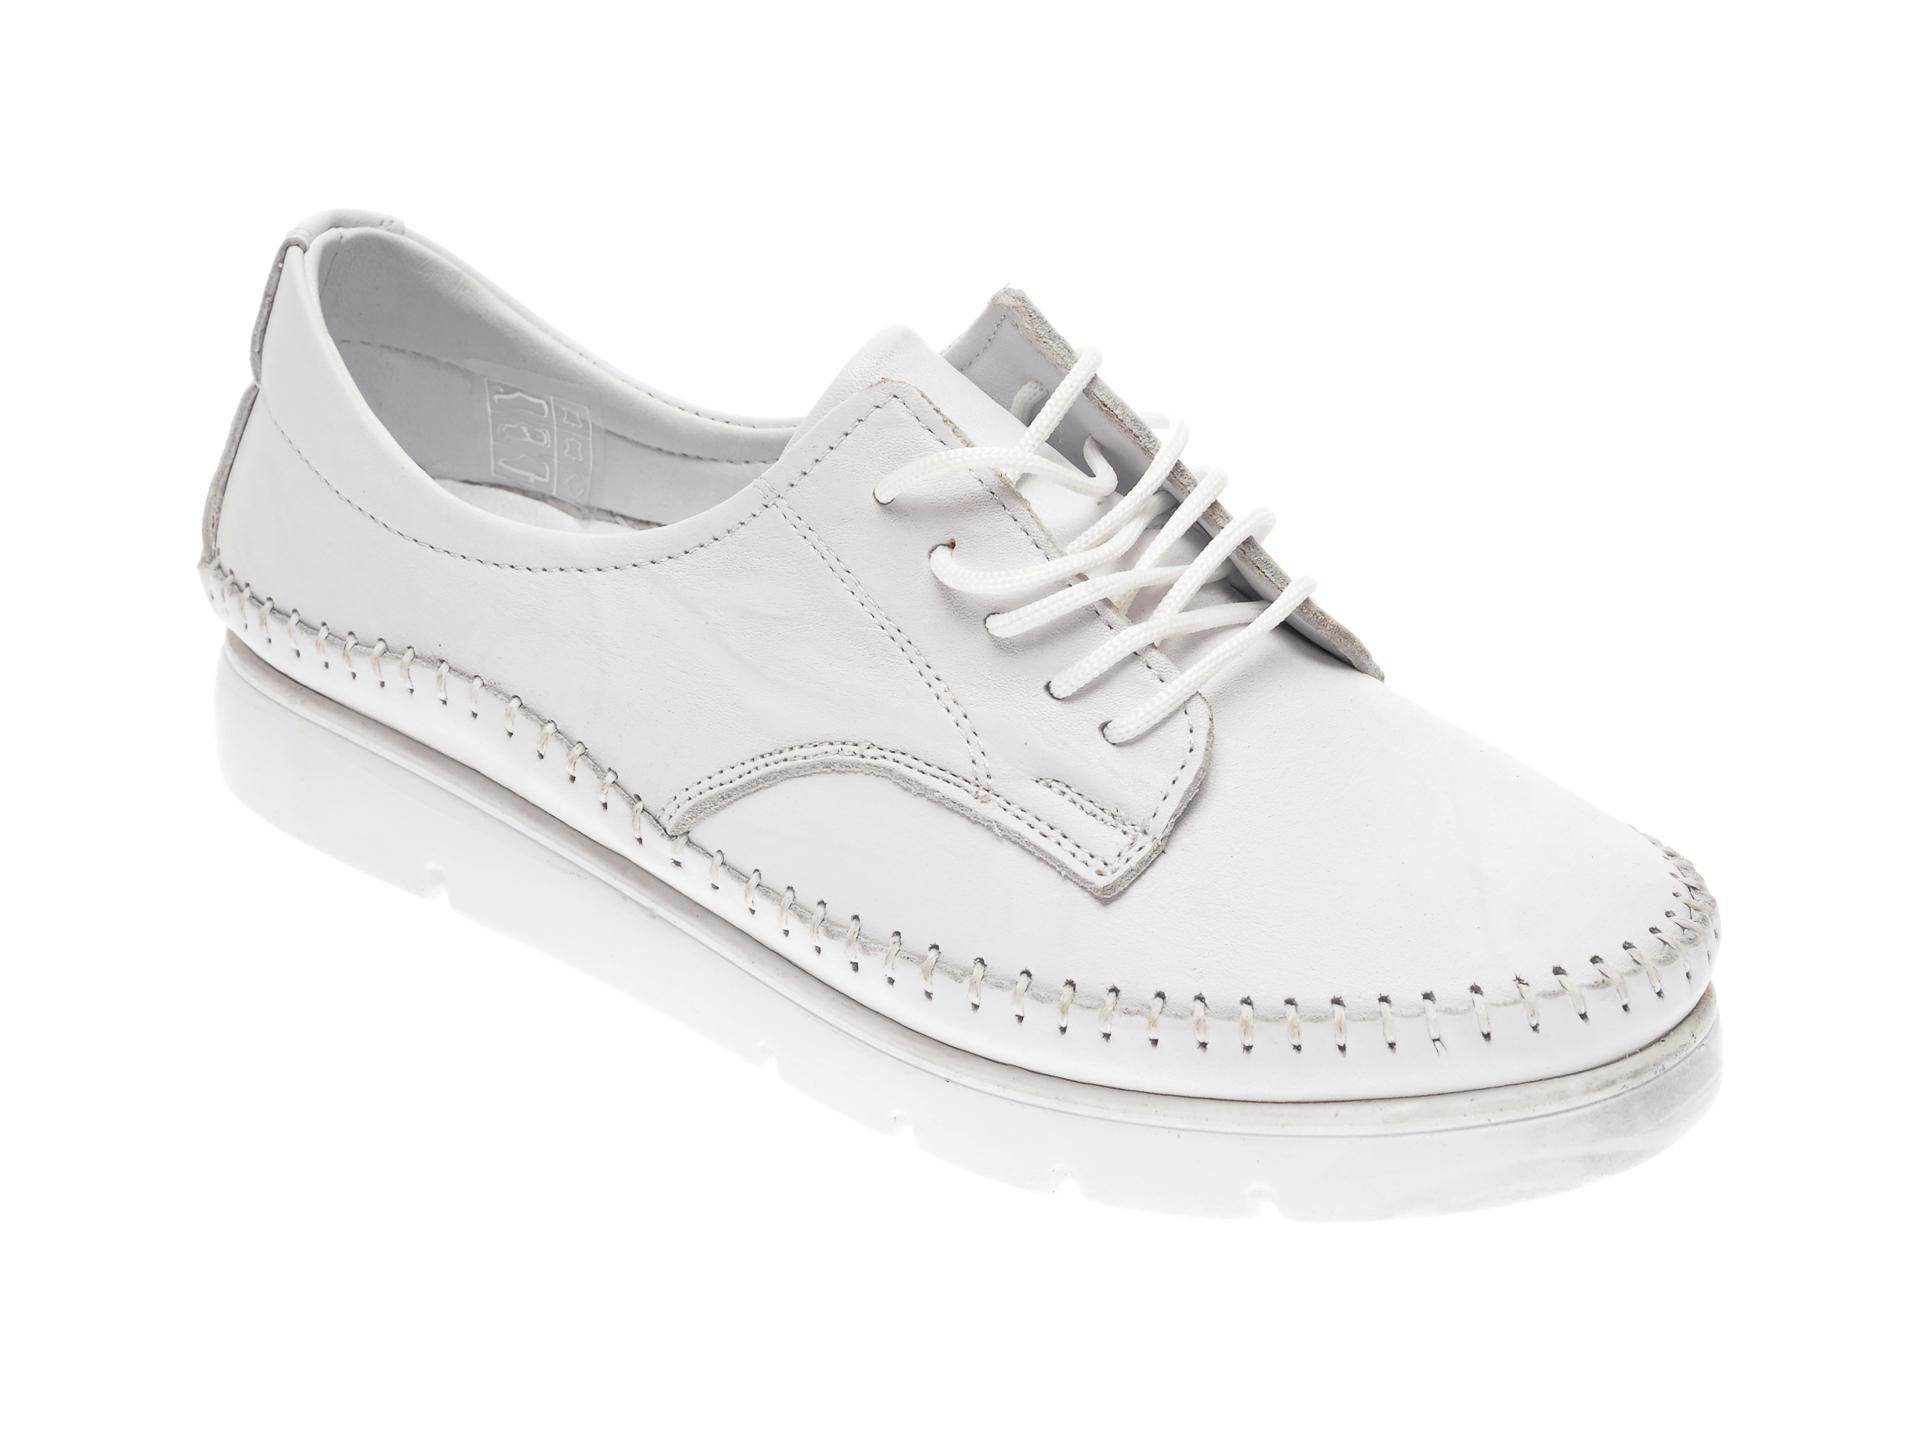 Pantofi CITY LIFE albi, 1768, din piele naturala